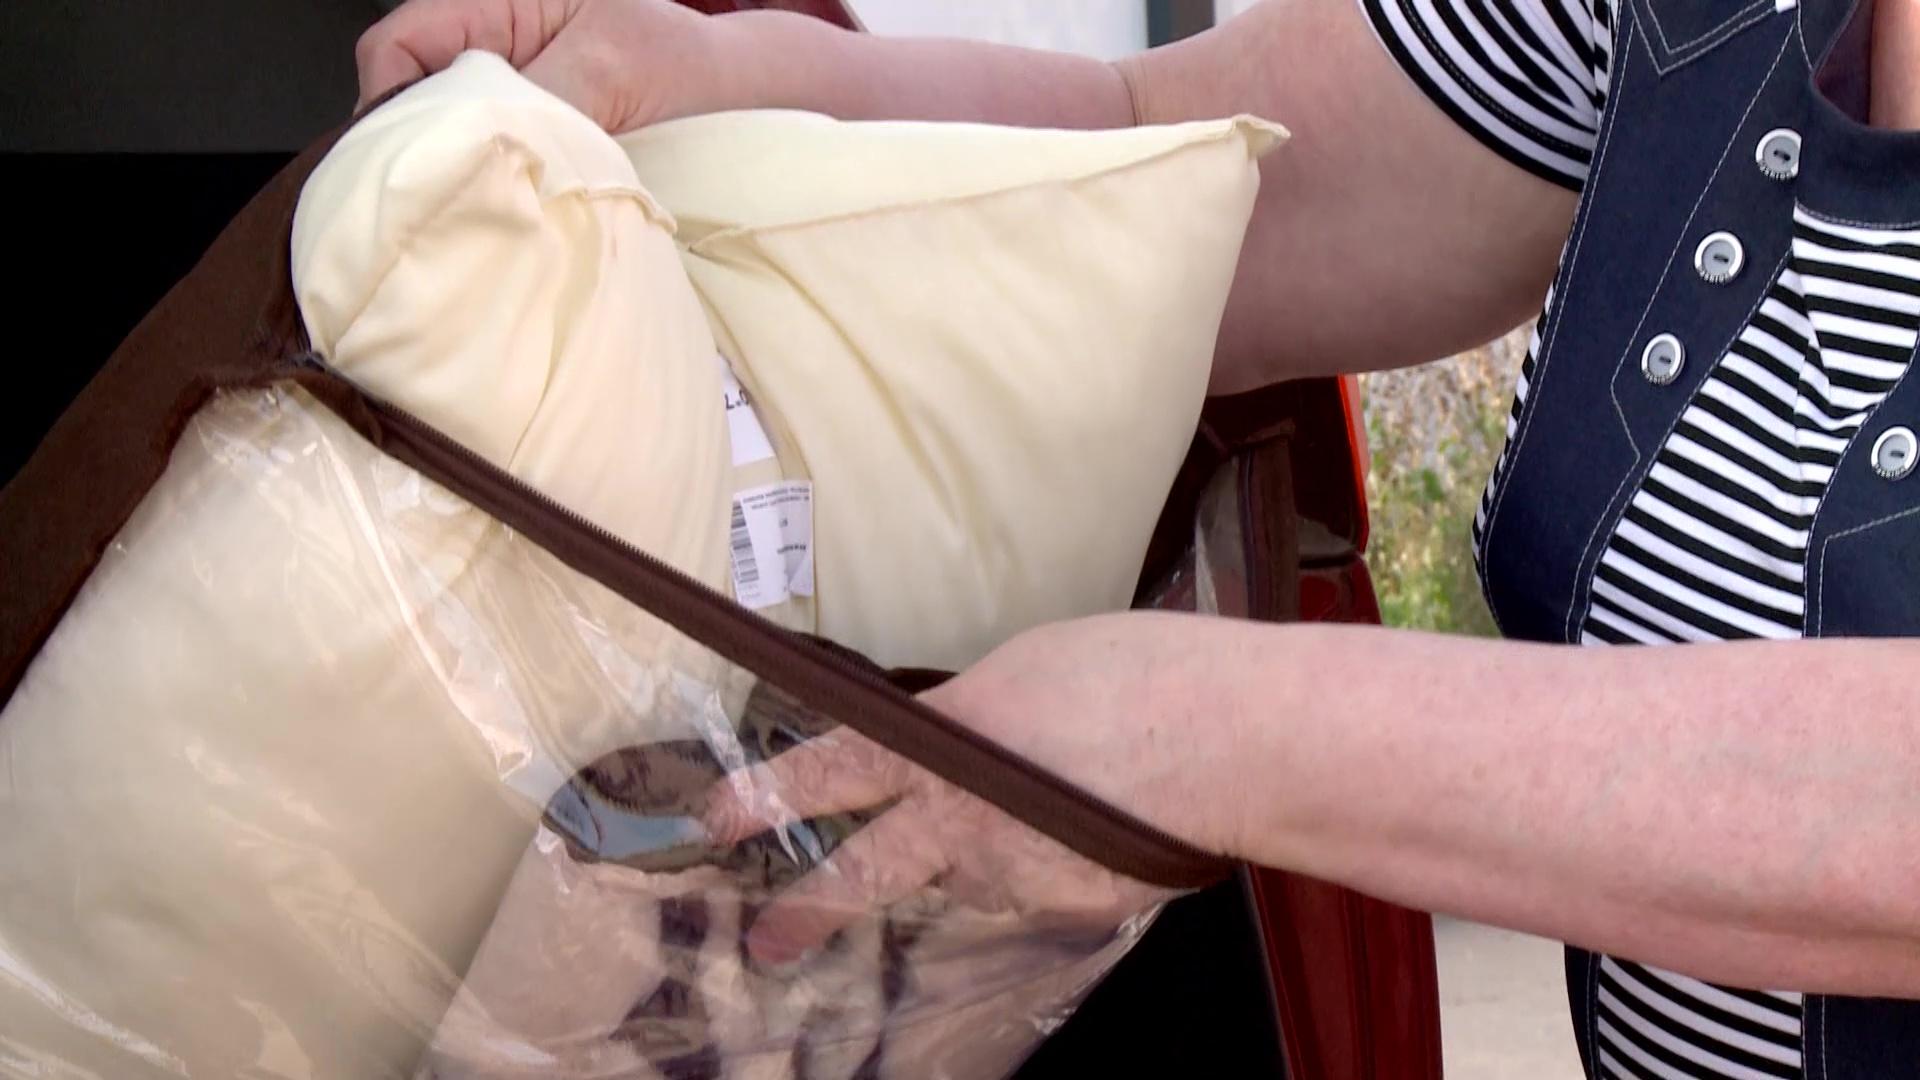 Пенсионерке из Ярославля продали покрывало и подушку в кредит за 60 тысяч рублей